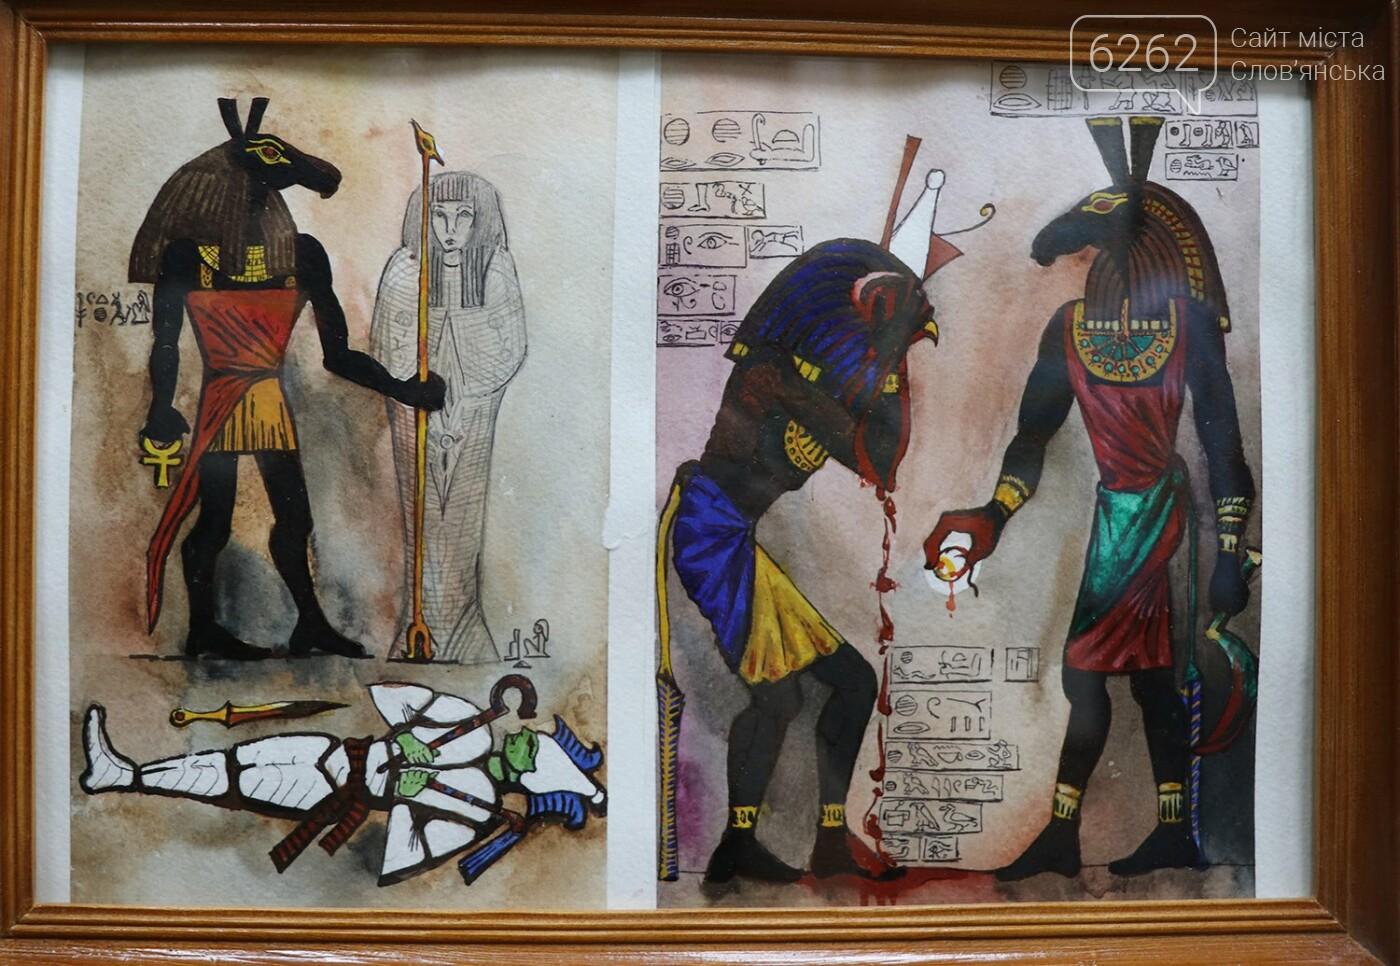 """Легенди Єгипту та казки - у музеї Слов'янська відкрилася виставка """"без олії"""", фото-1"""